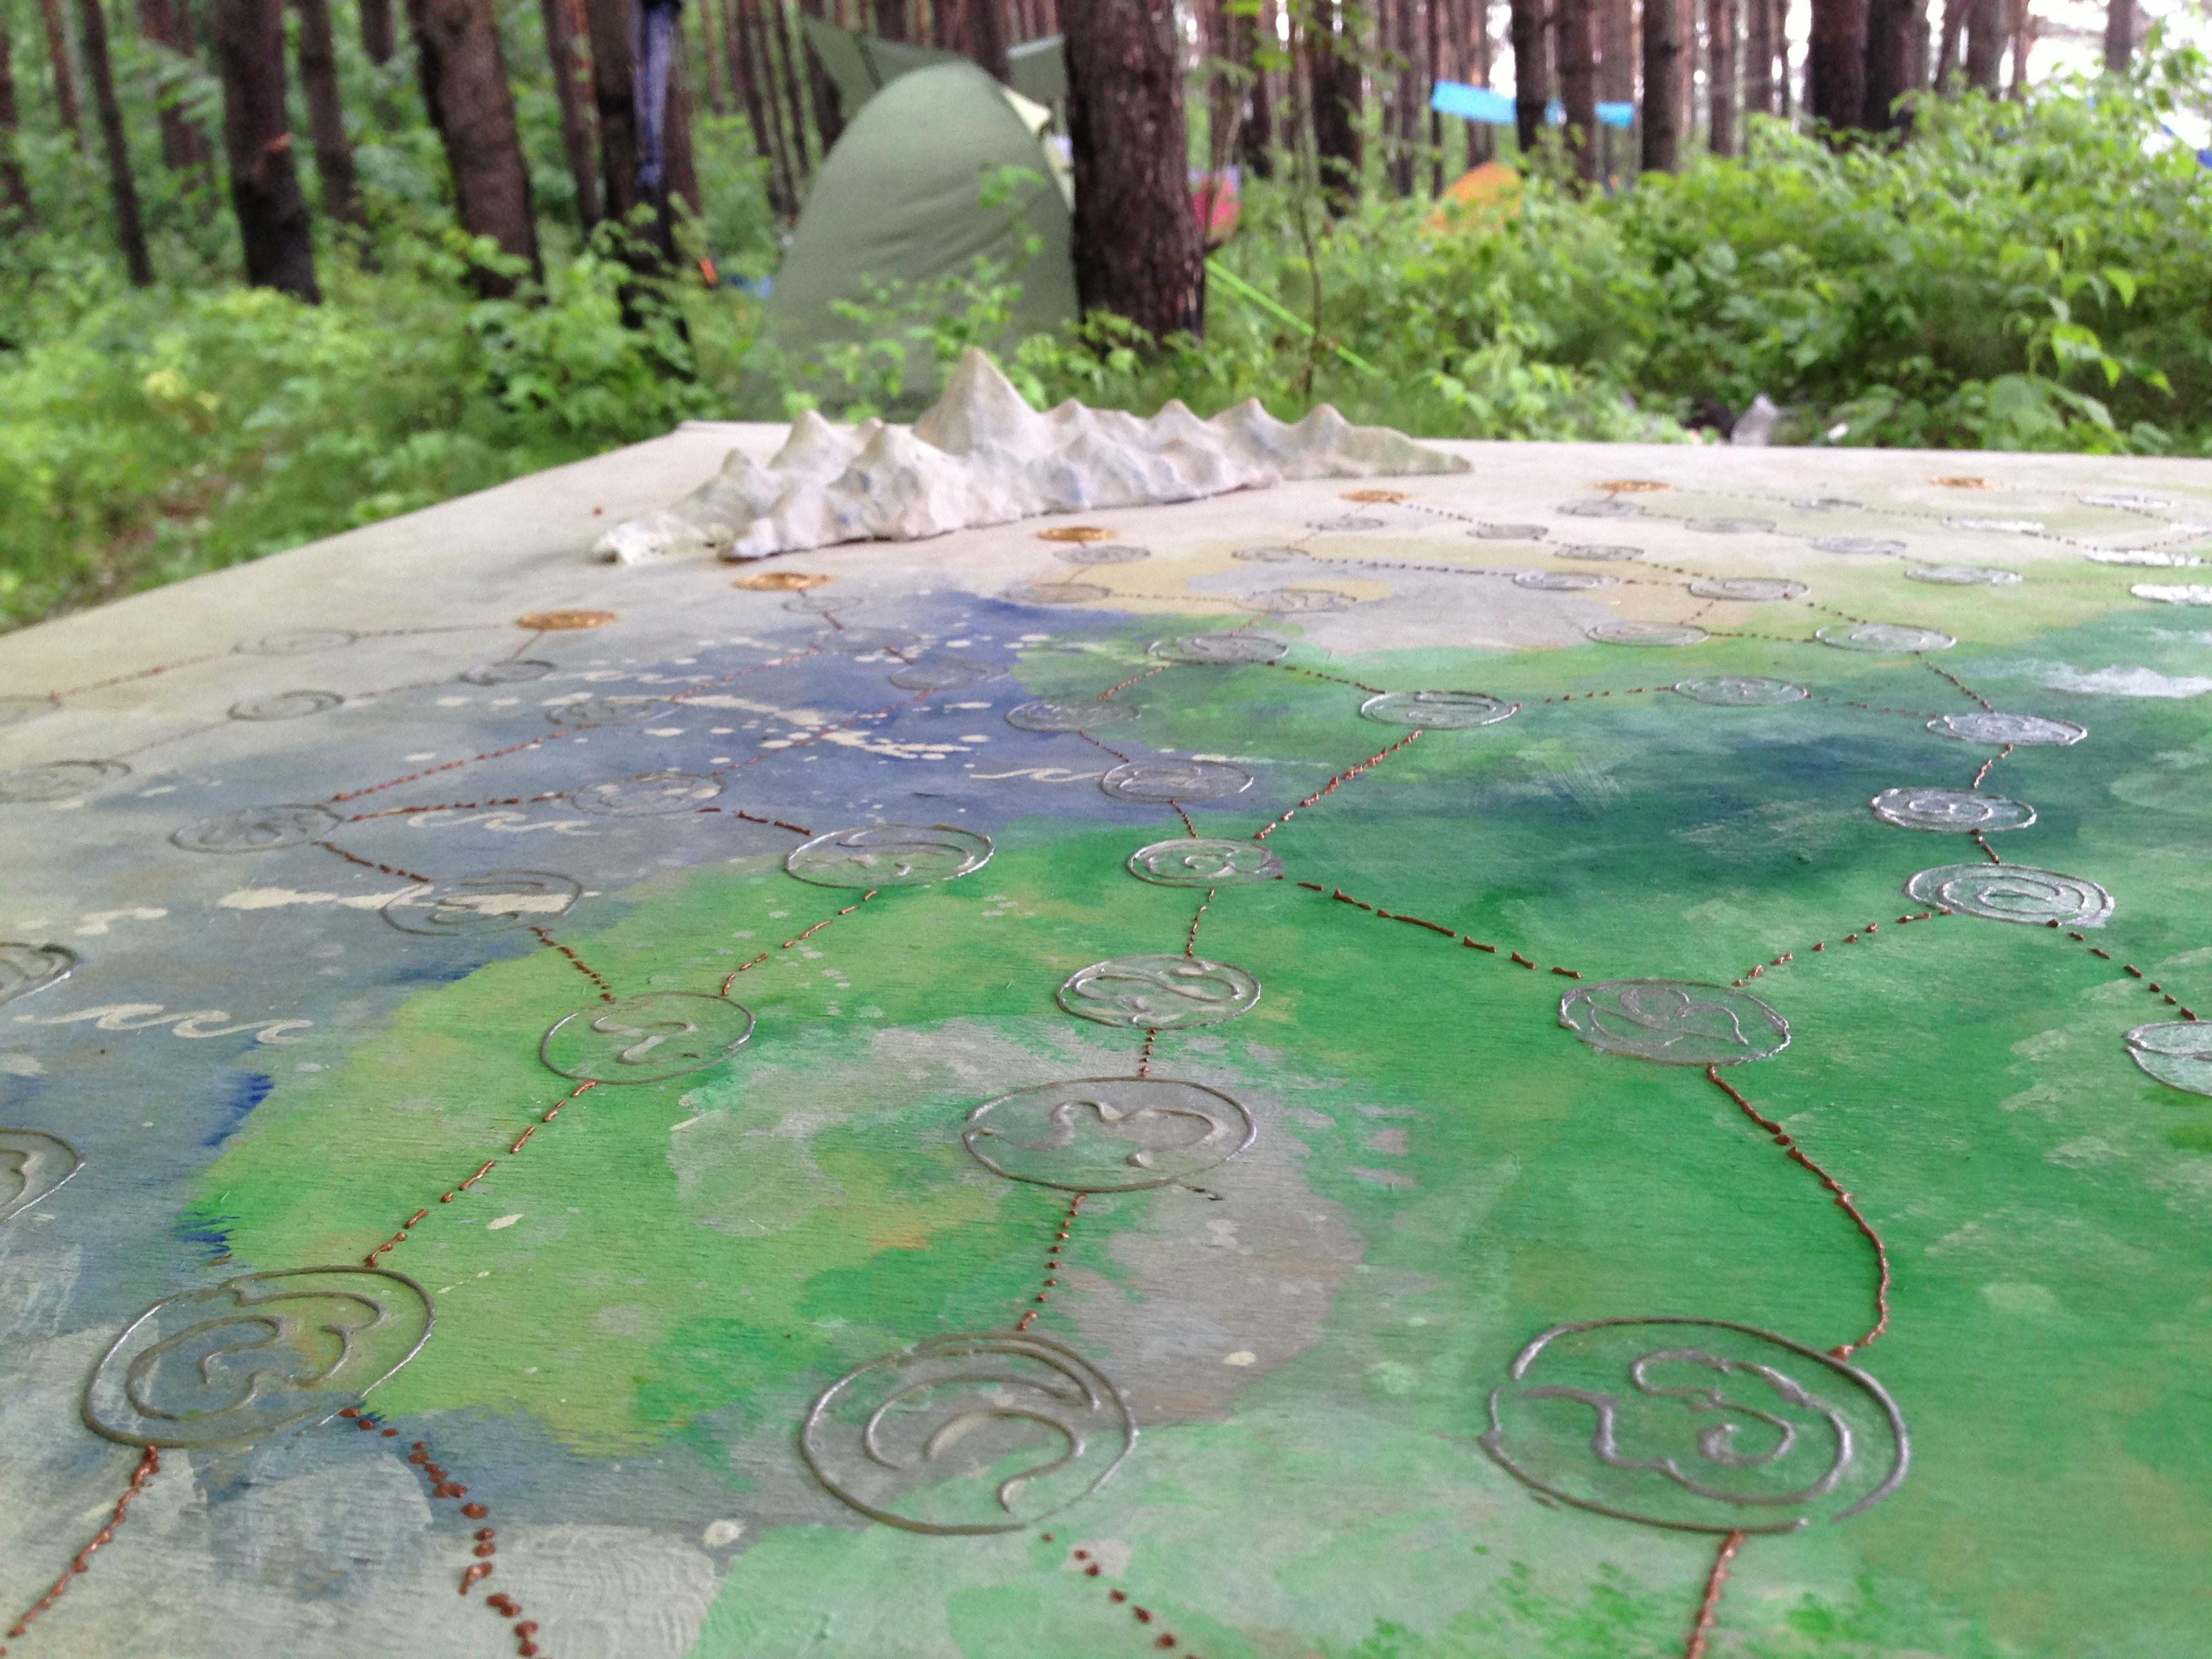 Карта для игры - фон от Дианы, кружочки и пути от меня